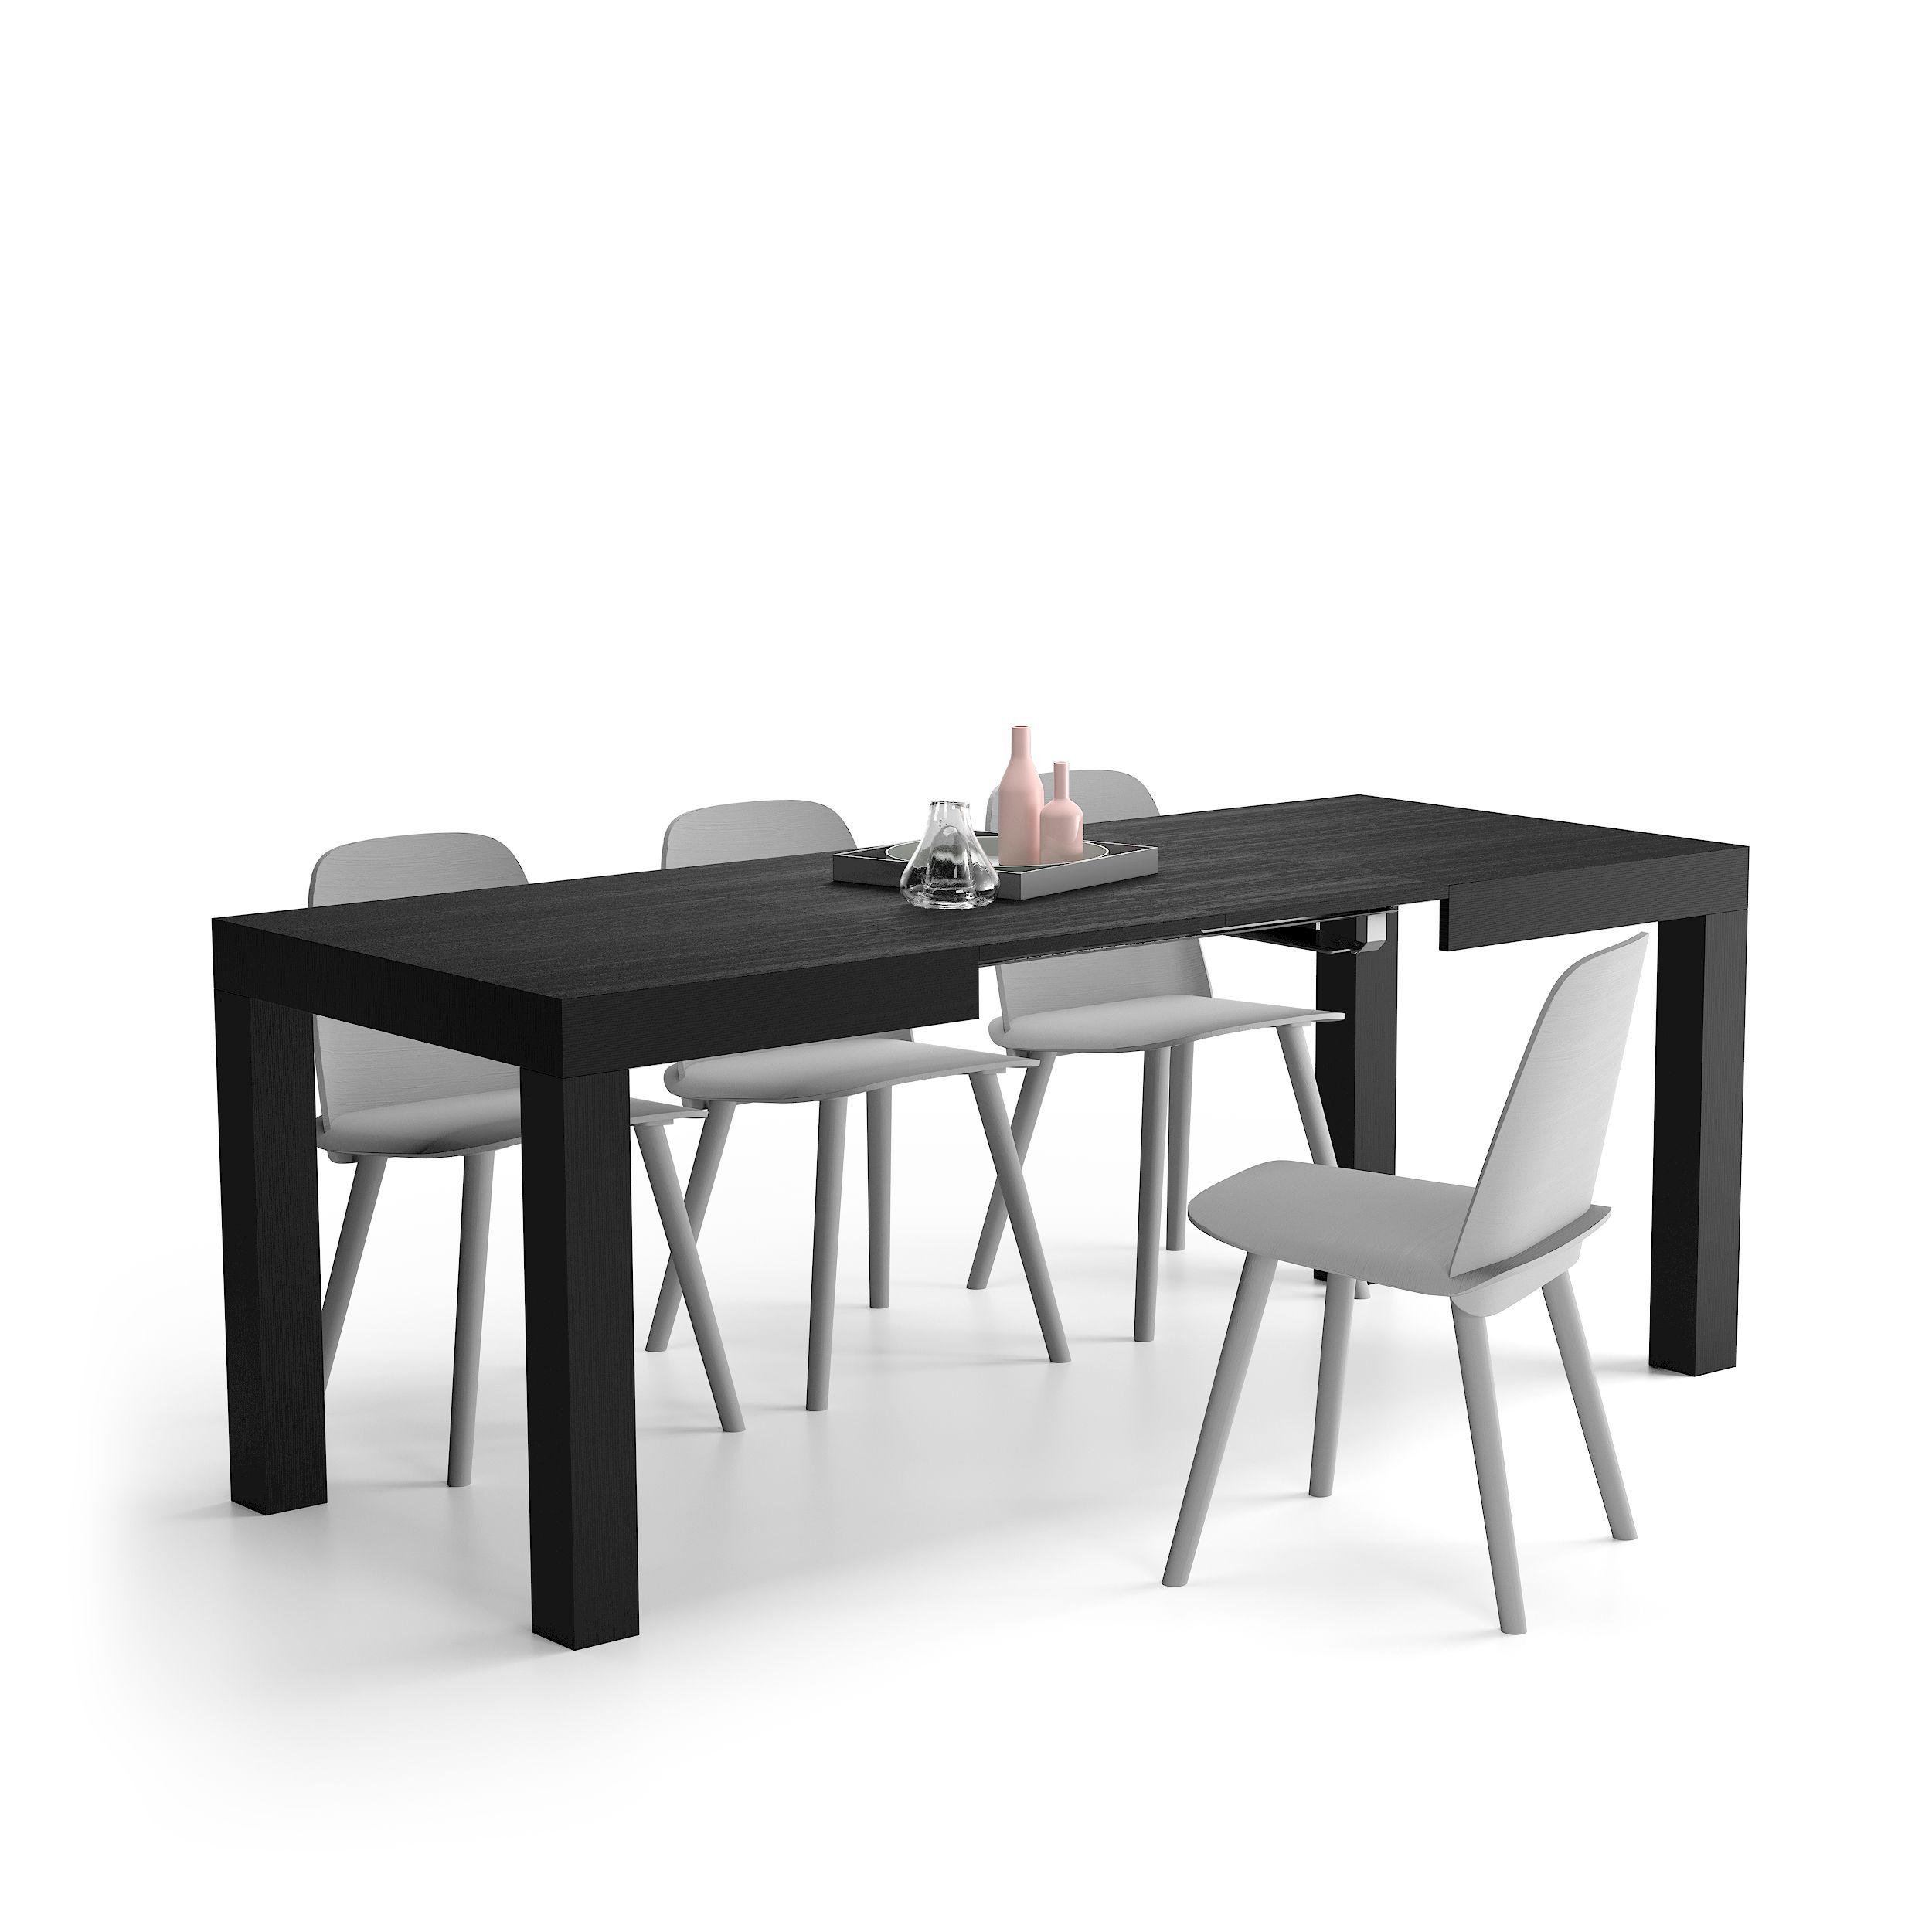 Lunghezza variabile del tavolo chiuso 120 cm, aperto 200